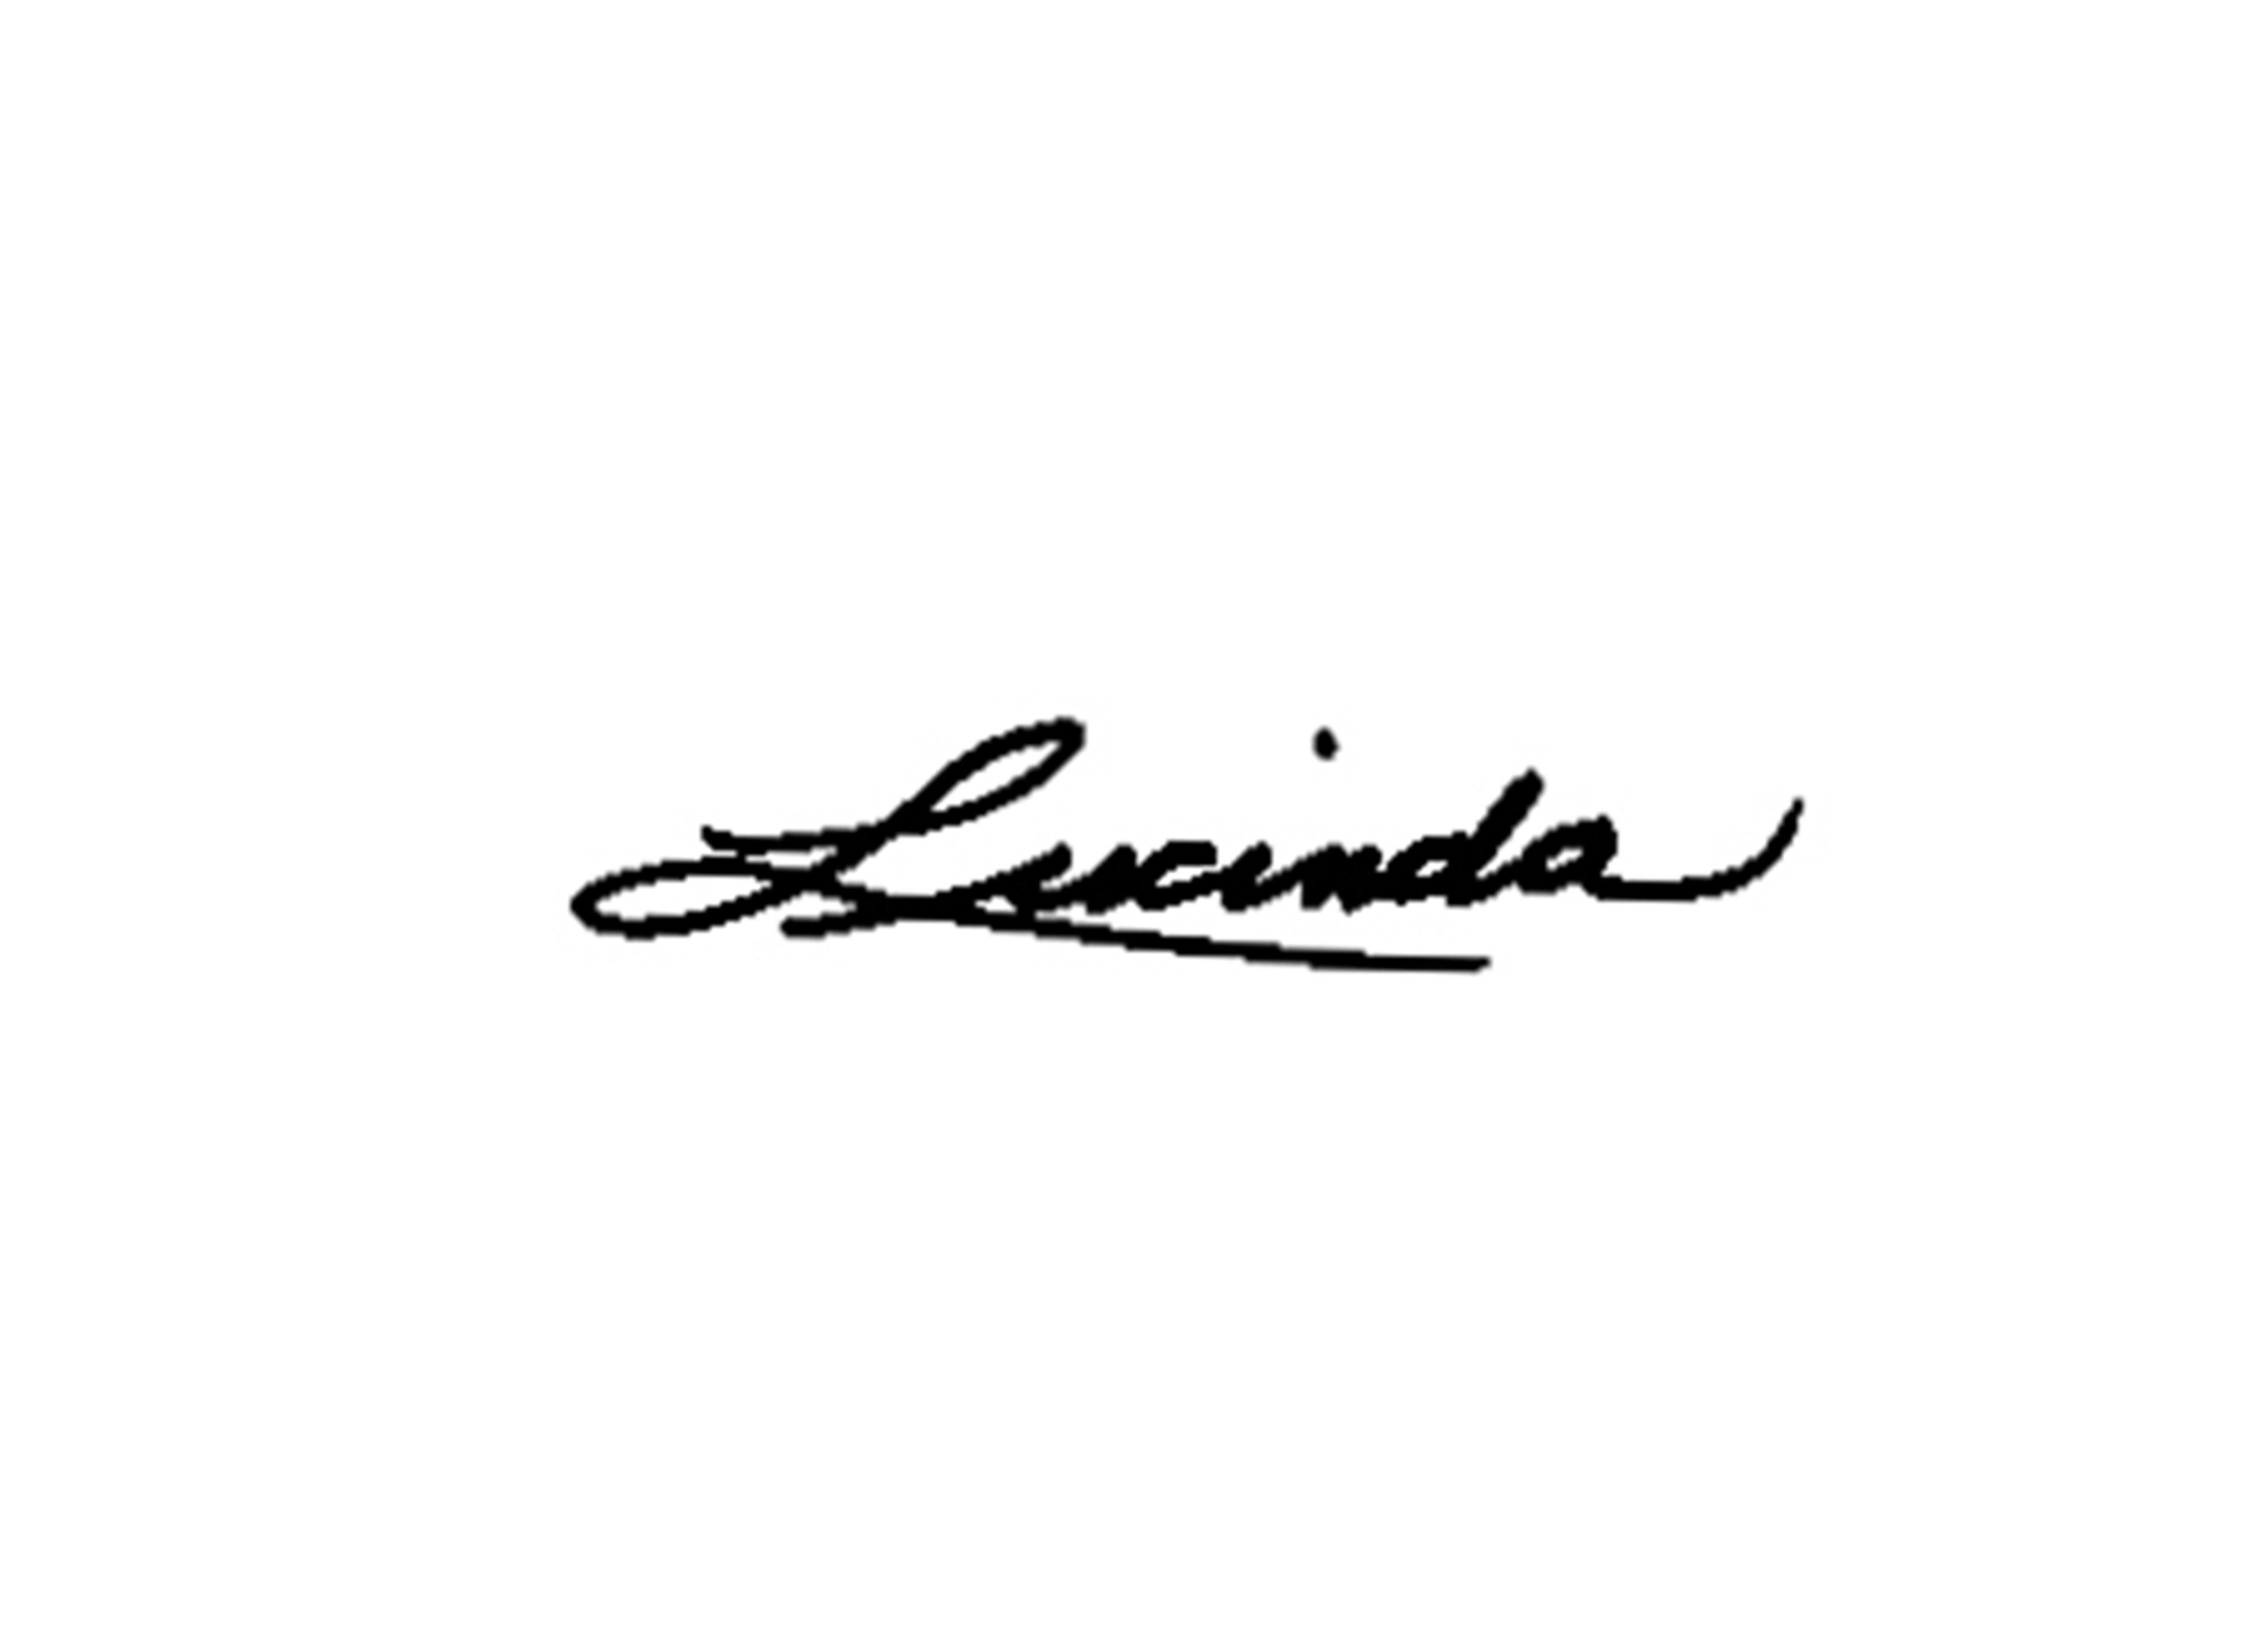 Lucinda Moriarty's Signature